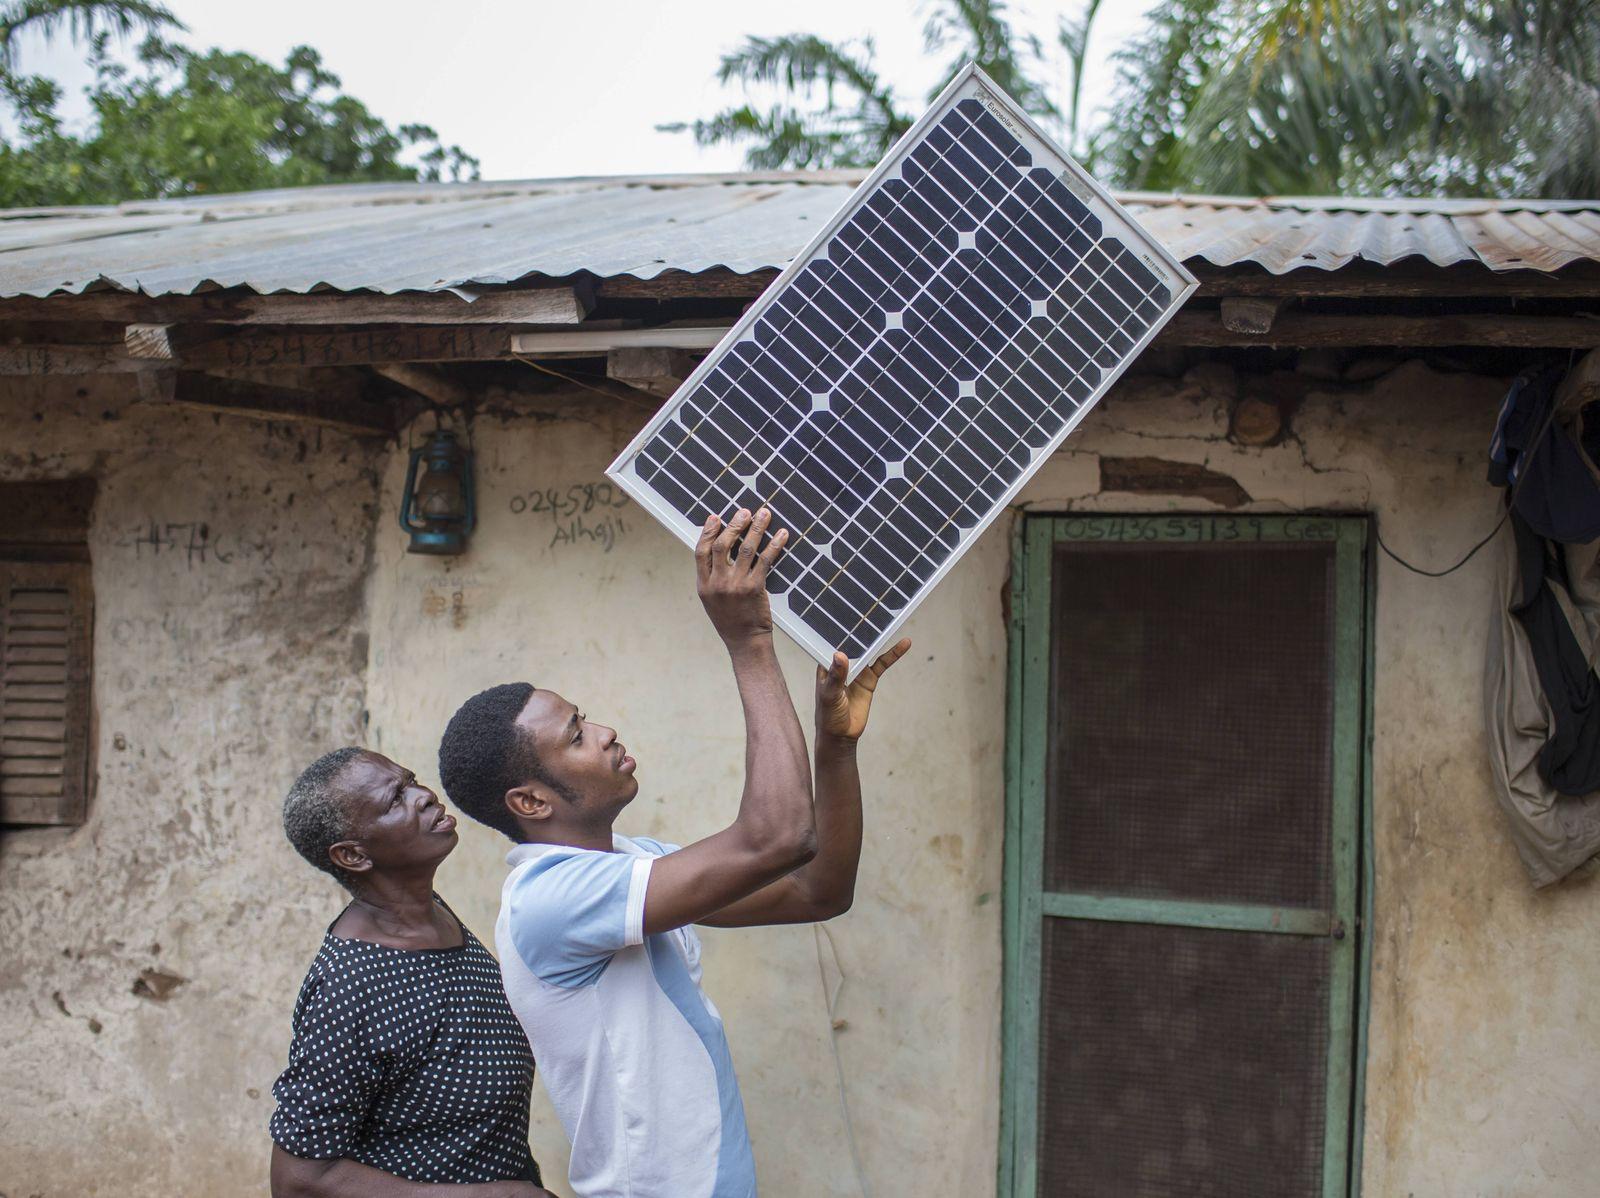 Ein junger afrikanischer Bauer legt ein Solarpanel auf das Dach seines Hauses auf einer Cashew Farm